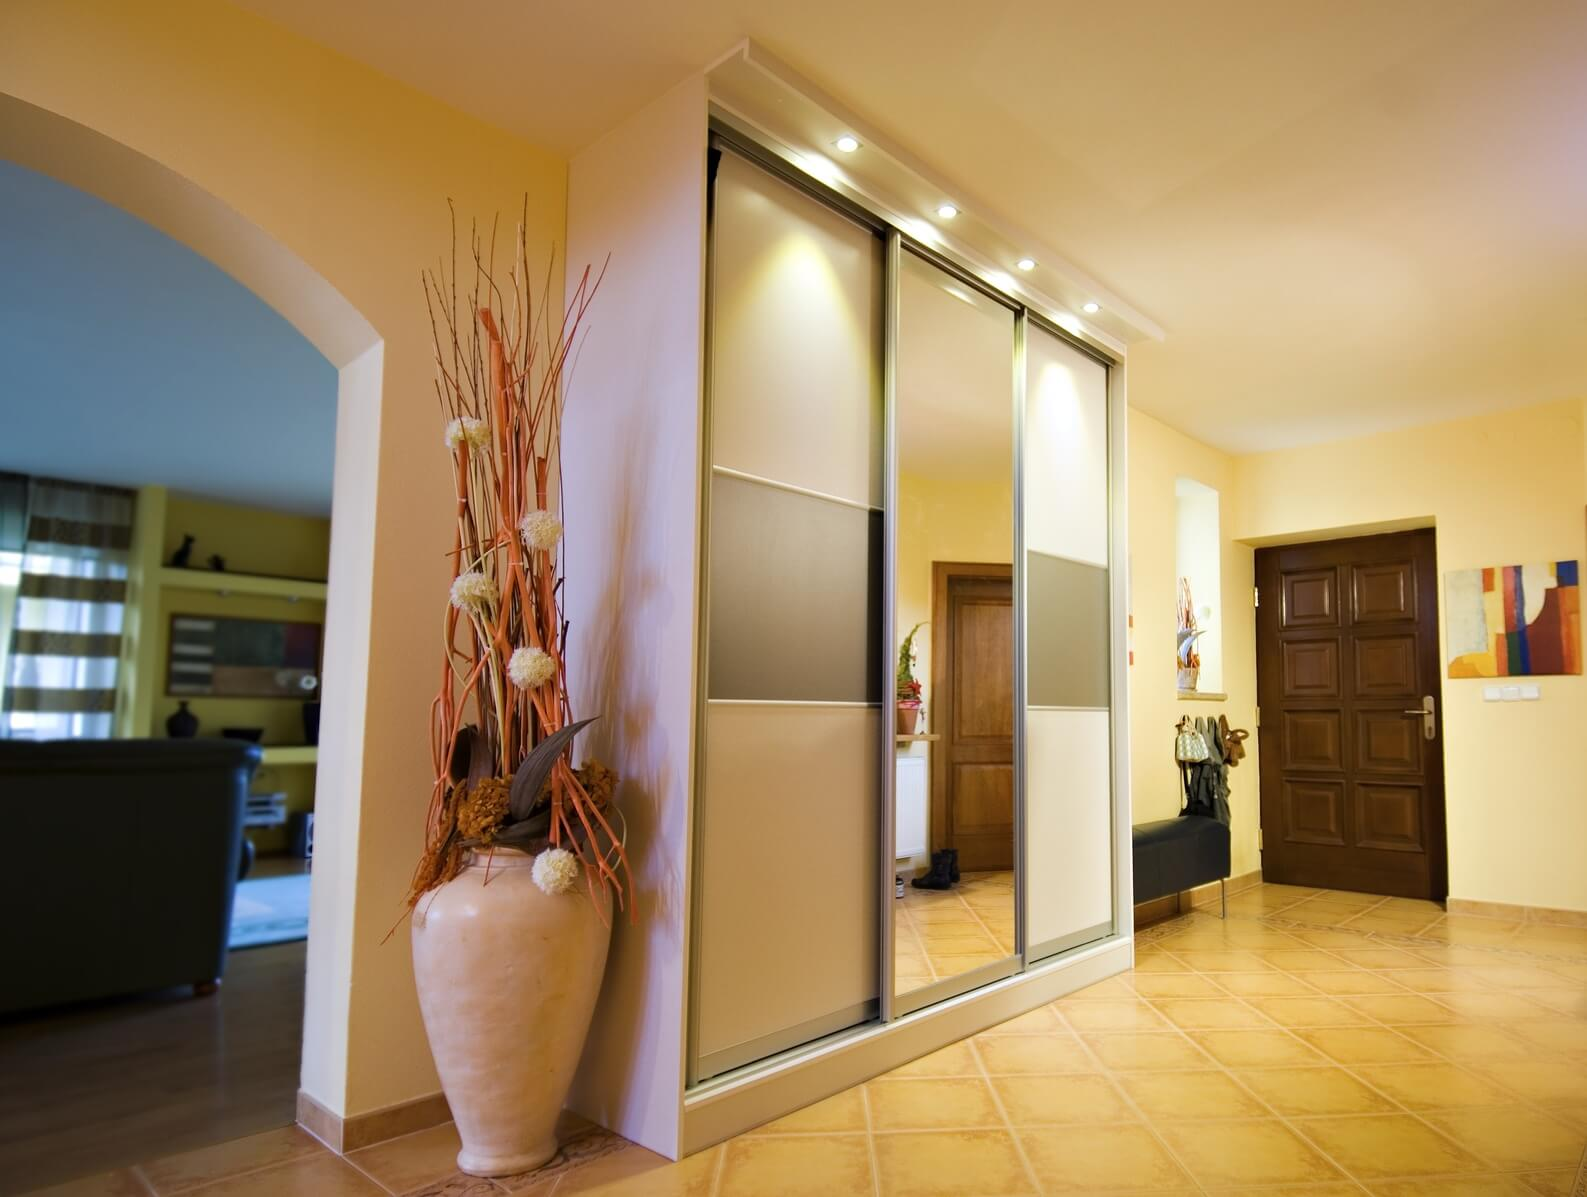 szafy wn kowe na wymiar do zabudowy pozna plewiska swarz dz. Black Bedroom Furniture Sets. Home Design Ideas